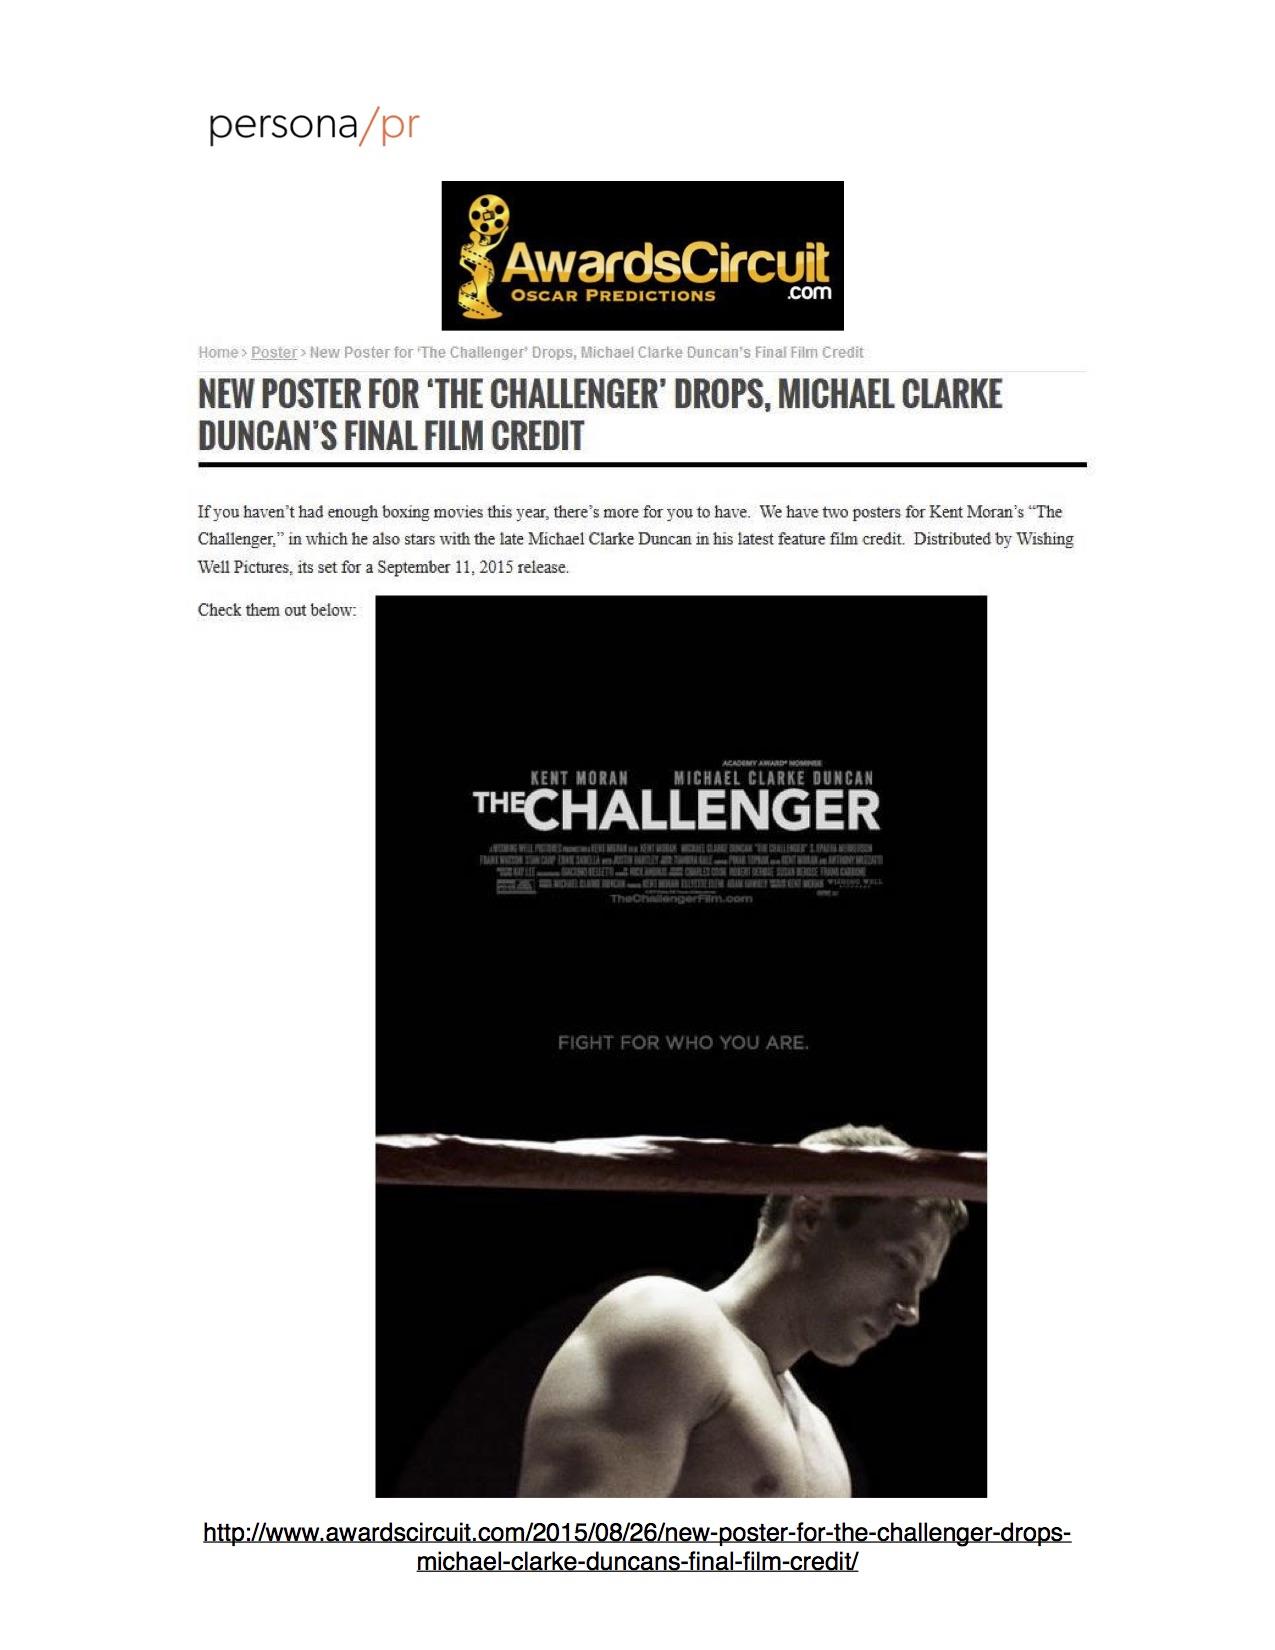 1 KentMoran-AwardsCircuit.com-8.26.15.jpg